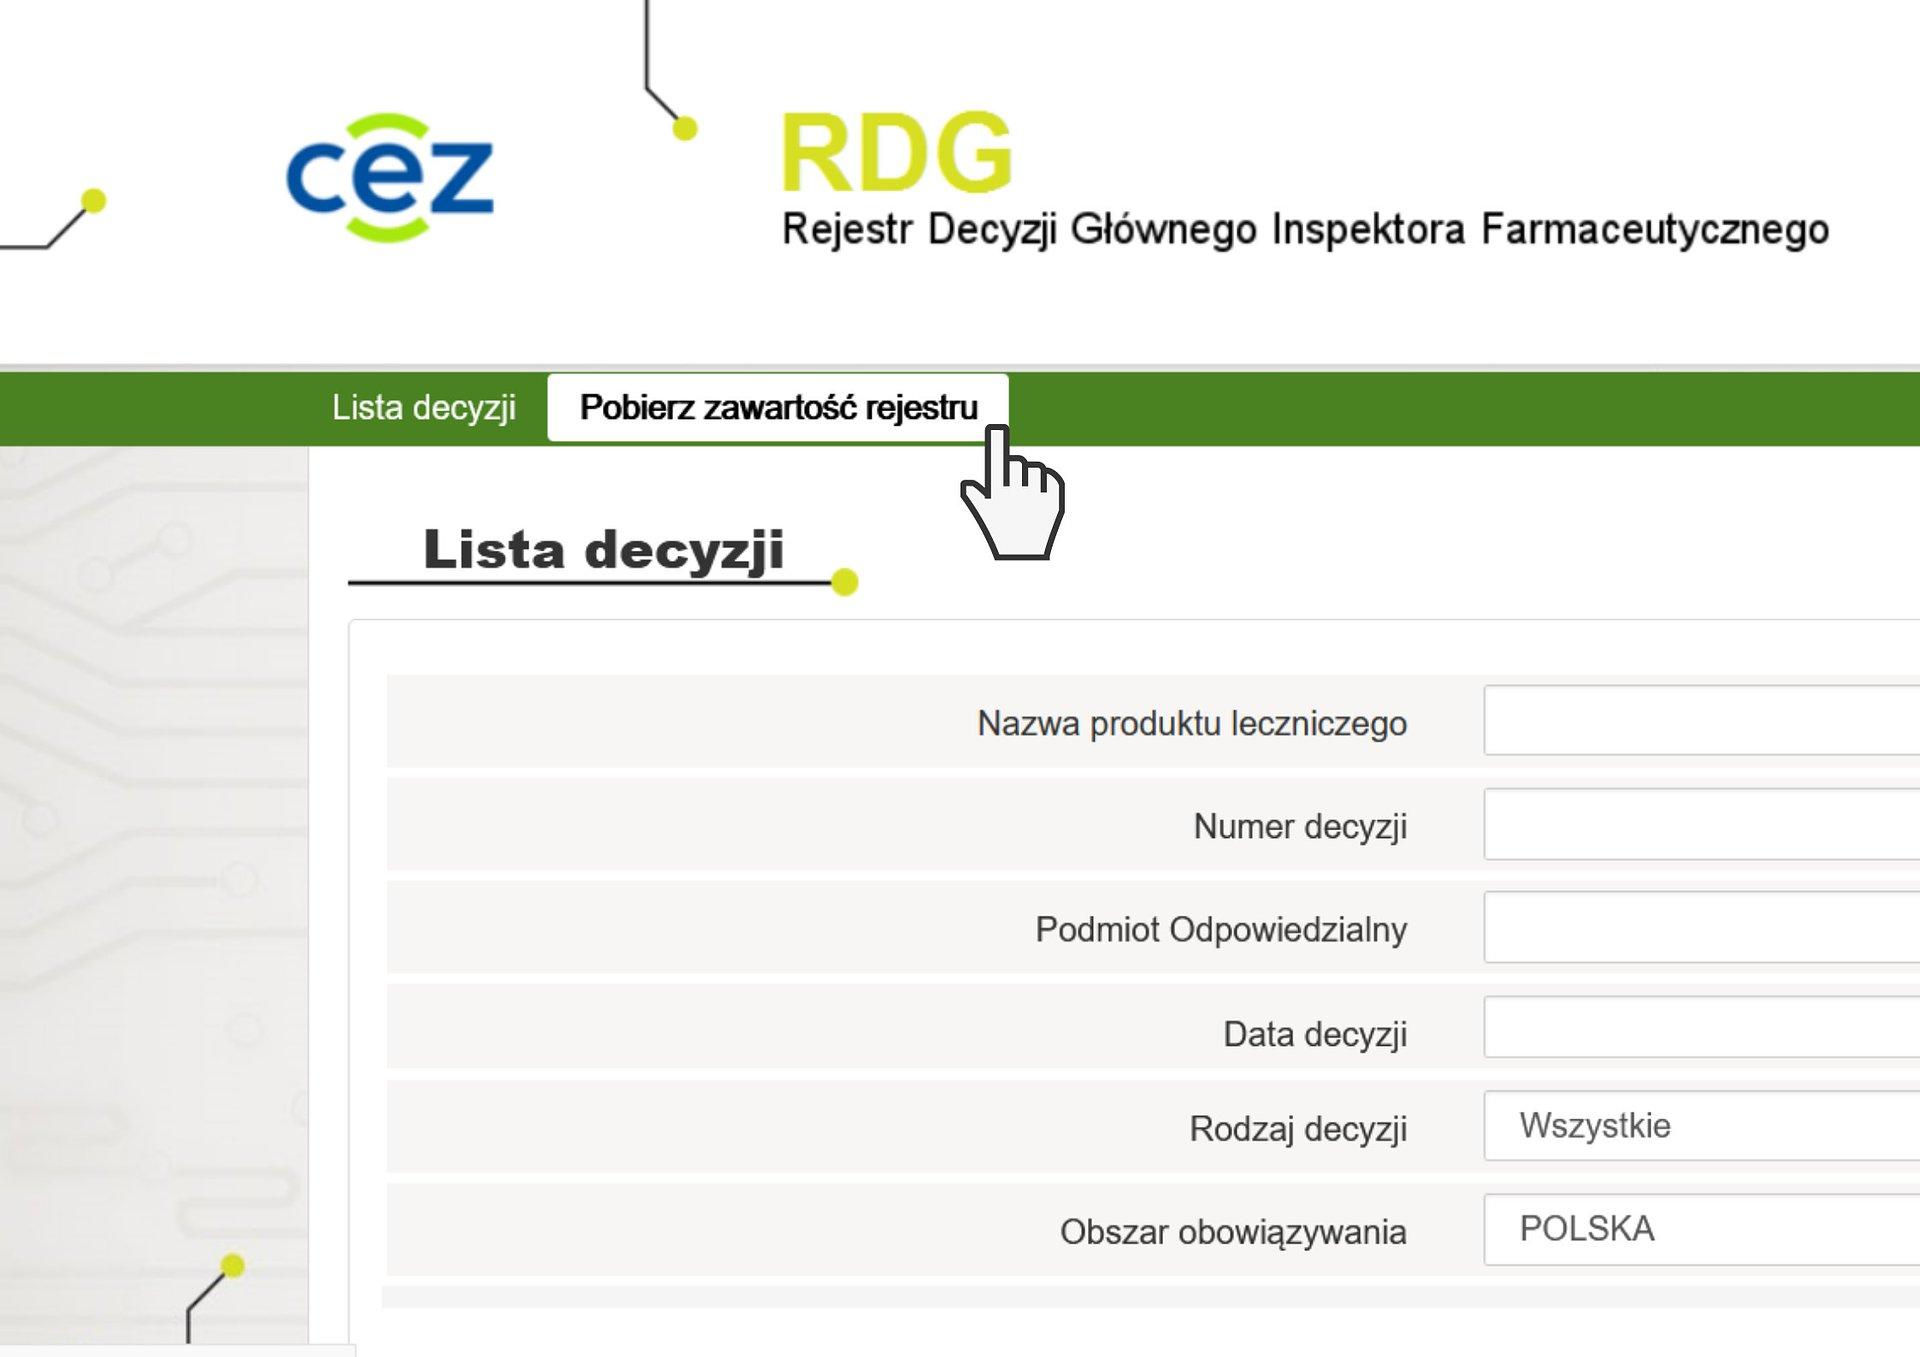 Centrum e-Zdrowia o rejestrze RDG